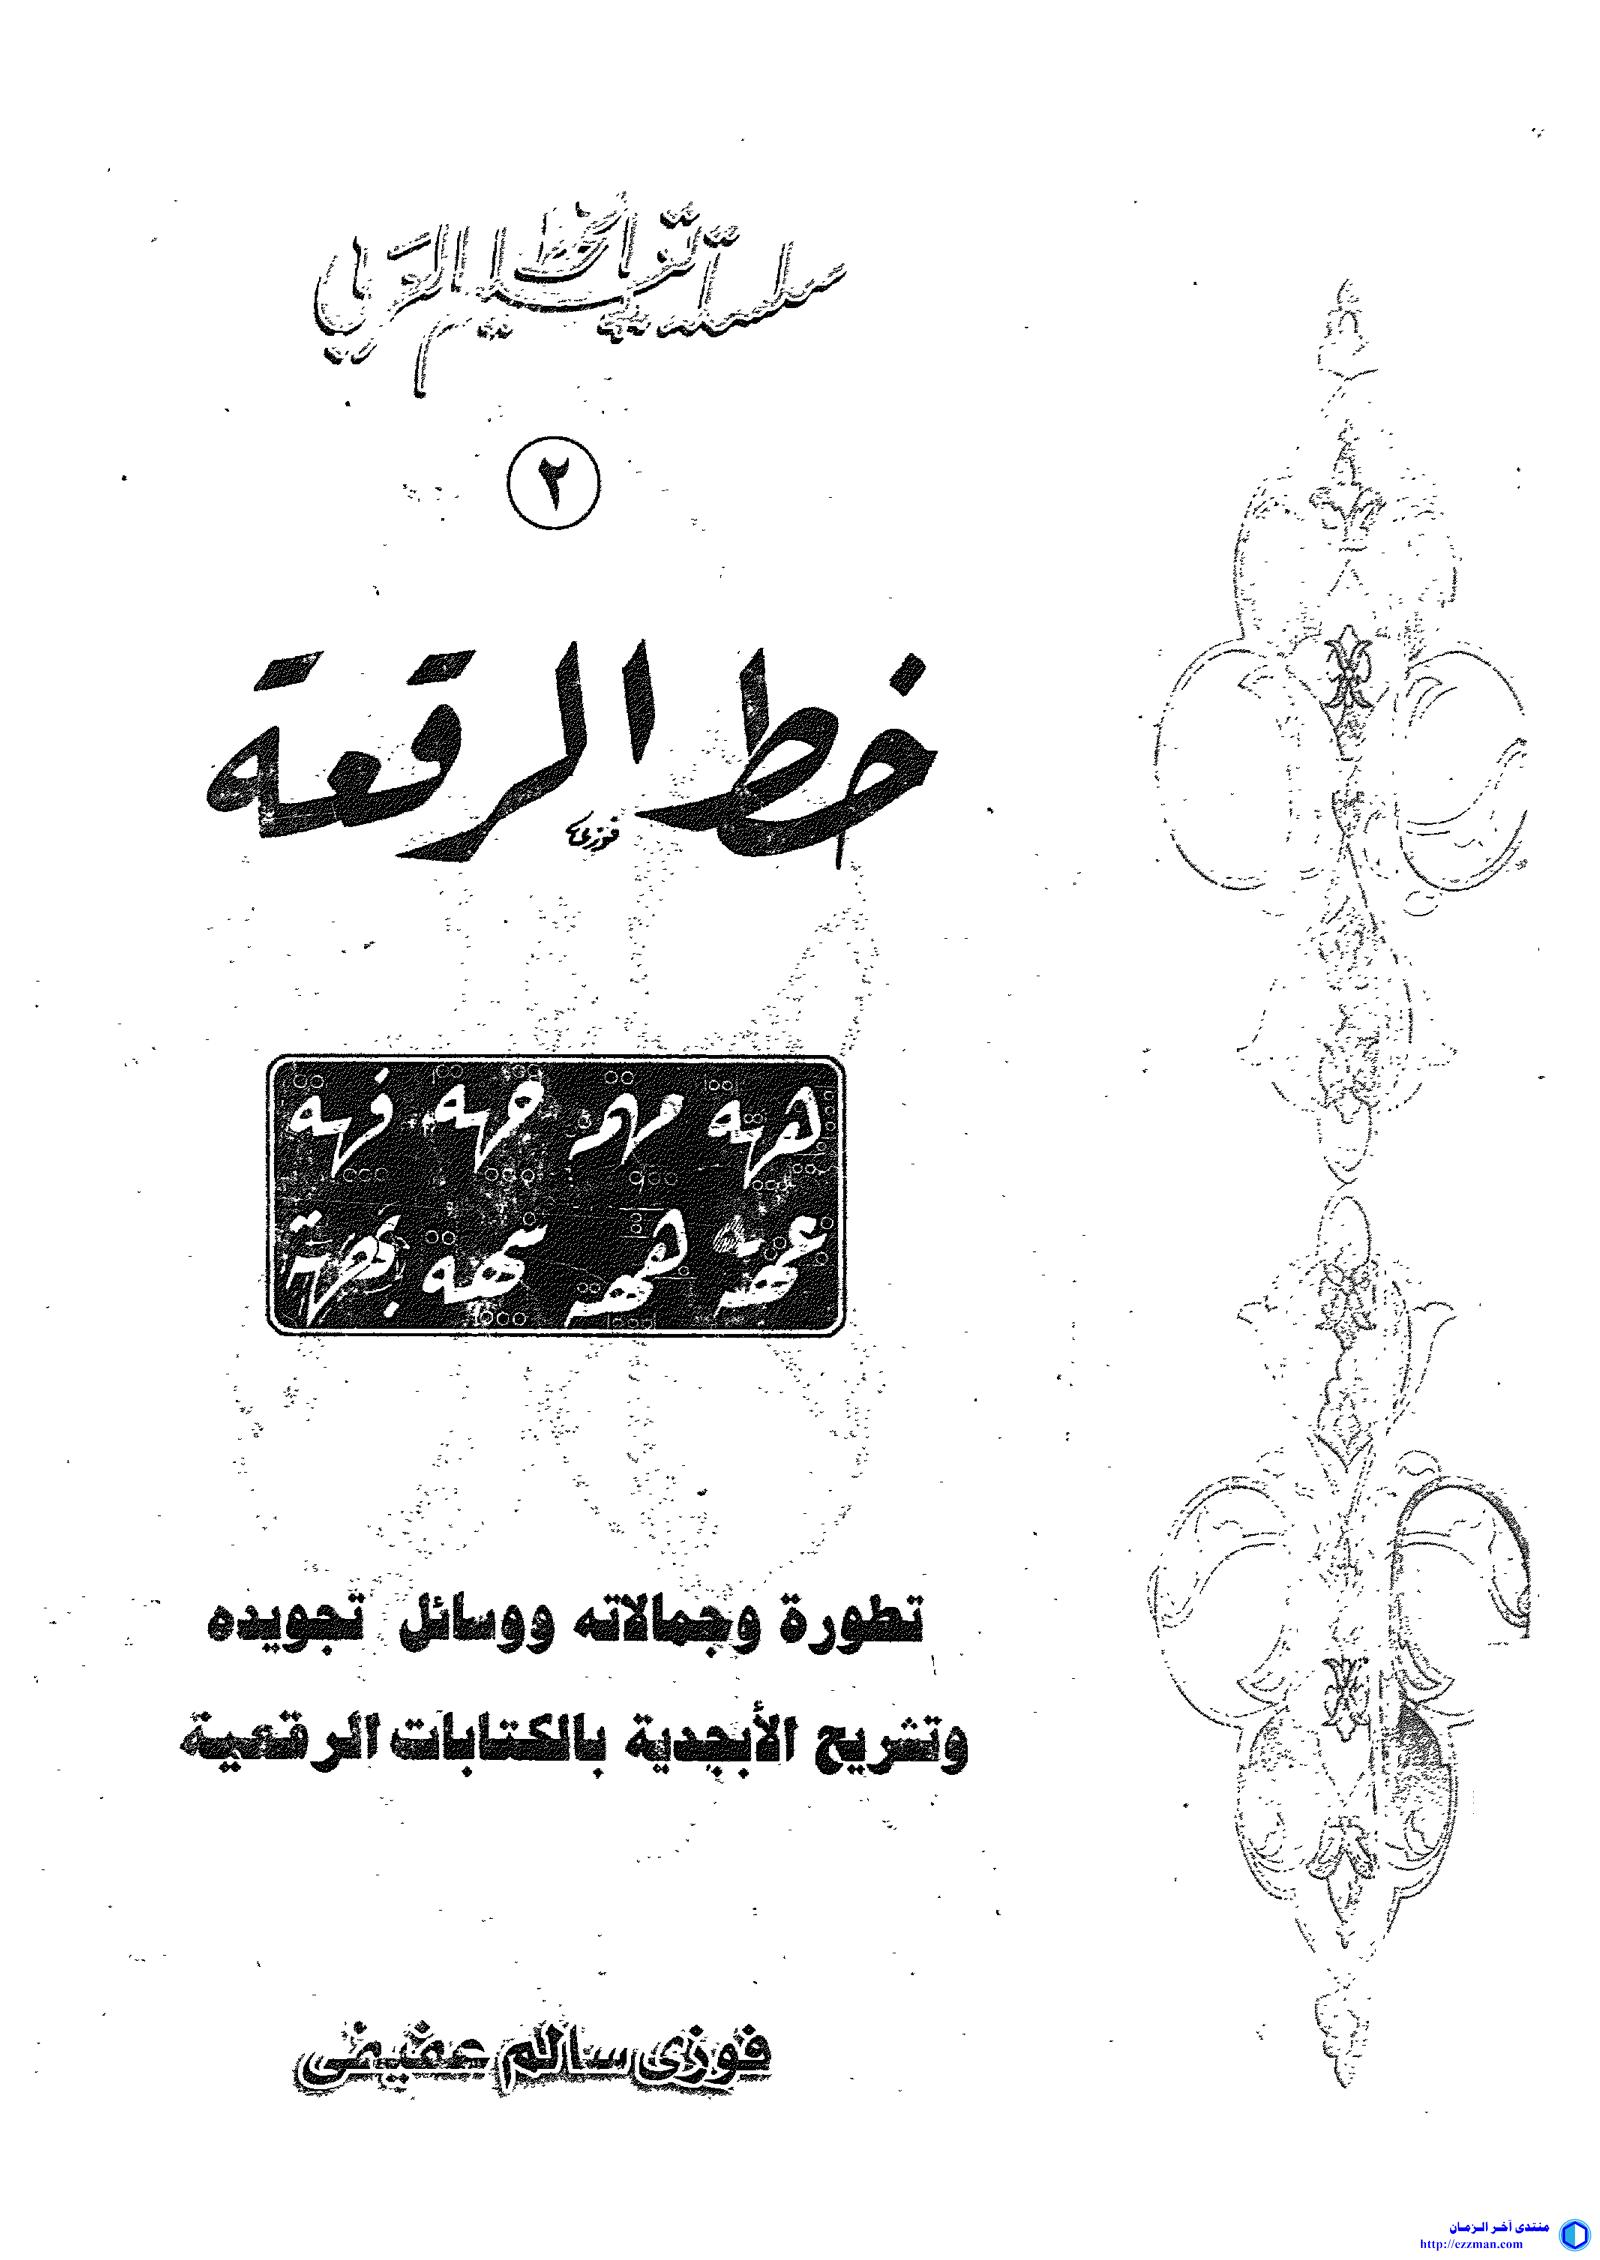 الرقعة سلسلة تعليم الخط العربي